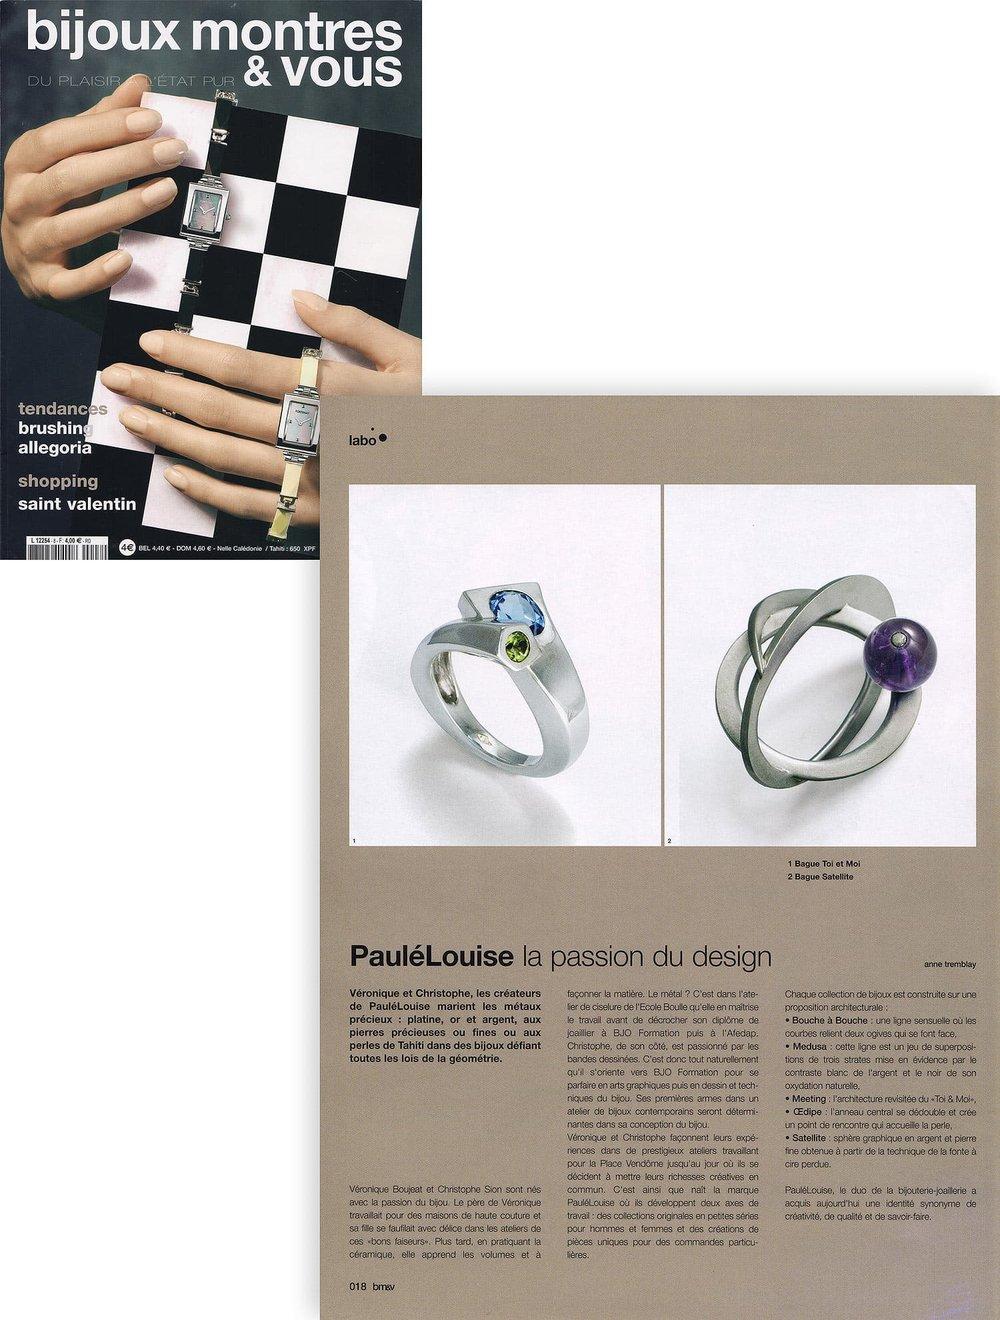 Bijoux montres & vous - janvier - février 2007